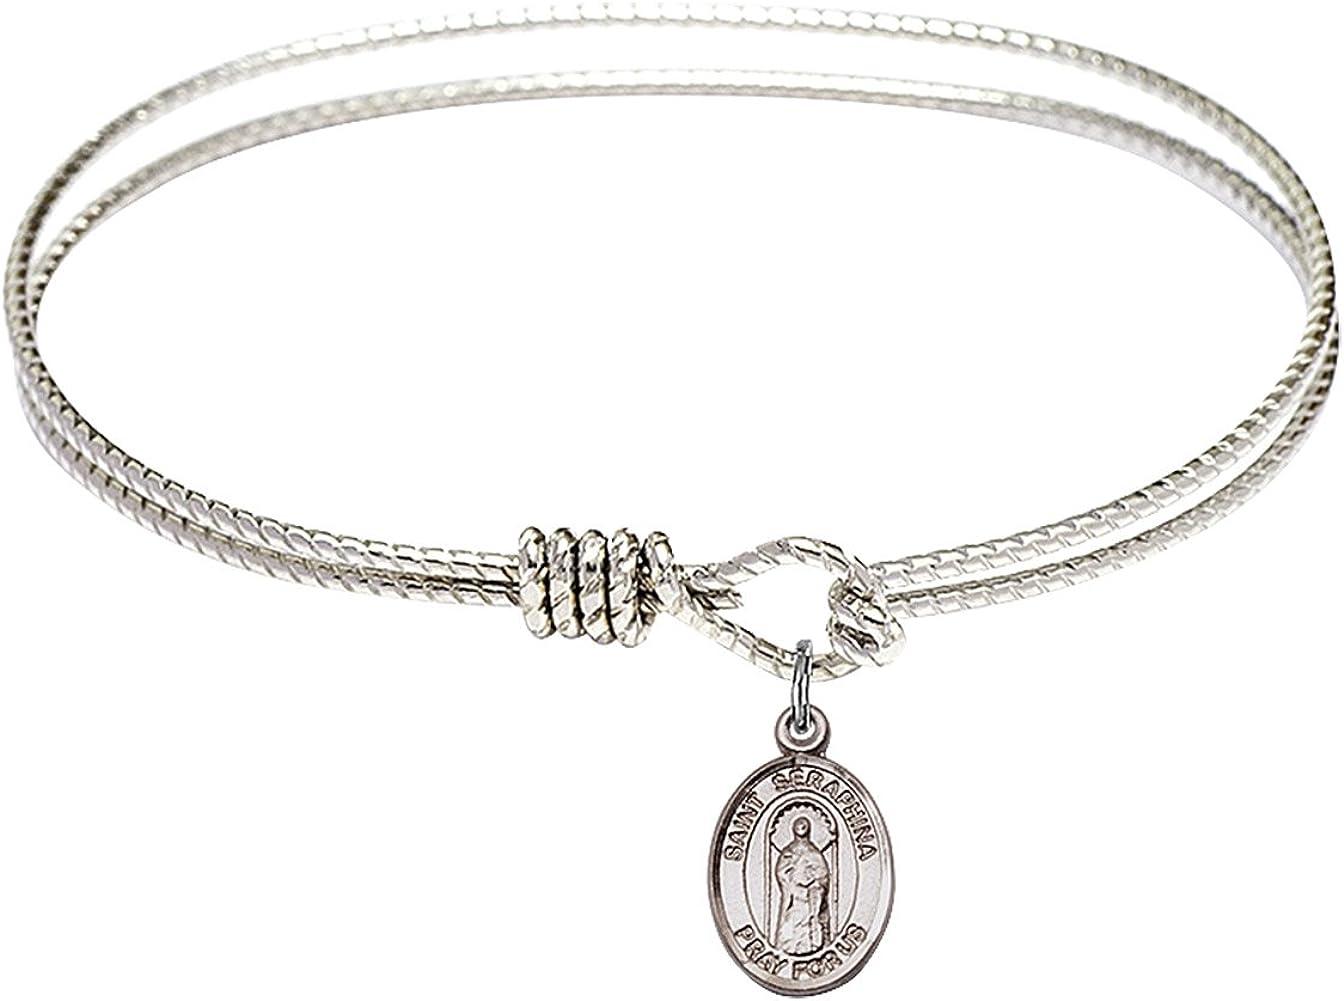 St Seraphina Charm On A Child Sized 5 3//4 Inch Oval Eye Hook Bangle Bracelet